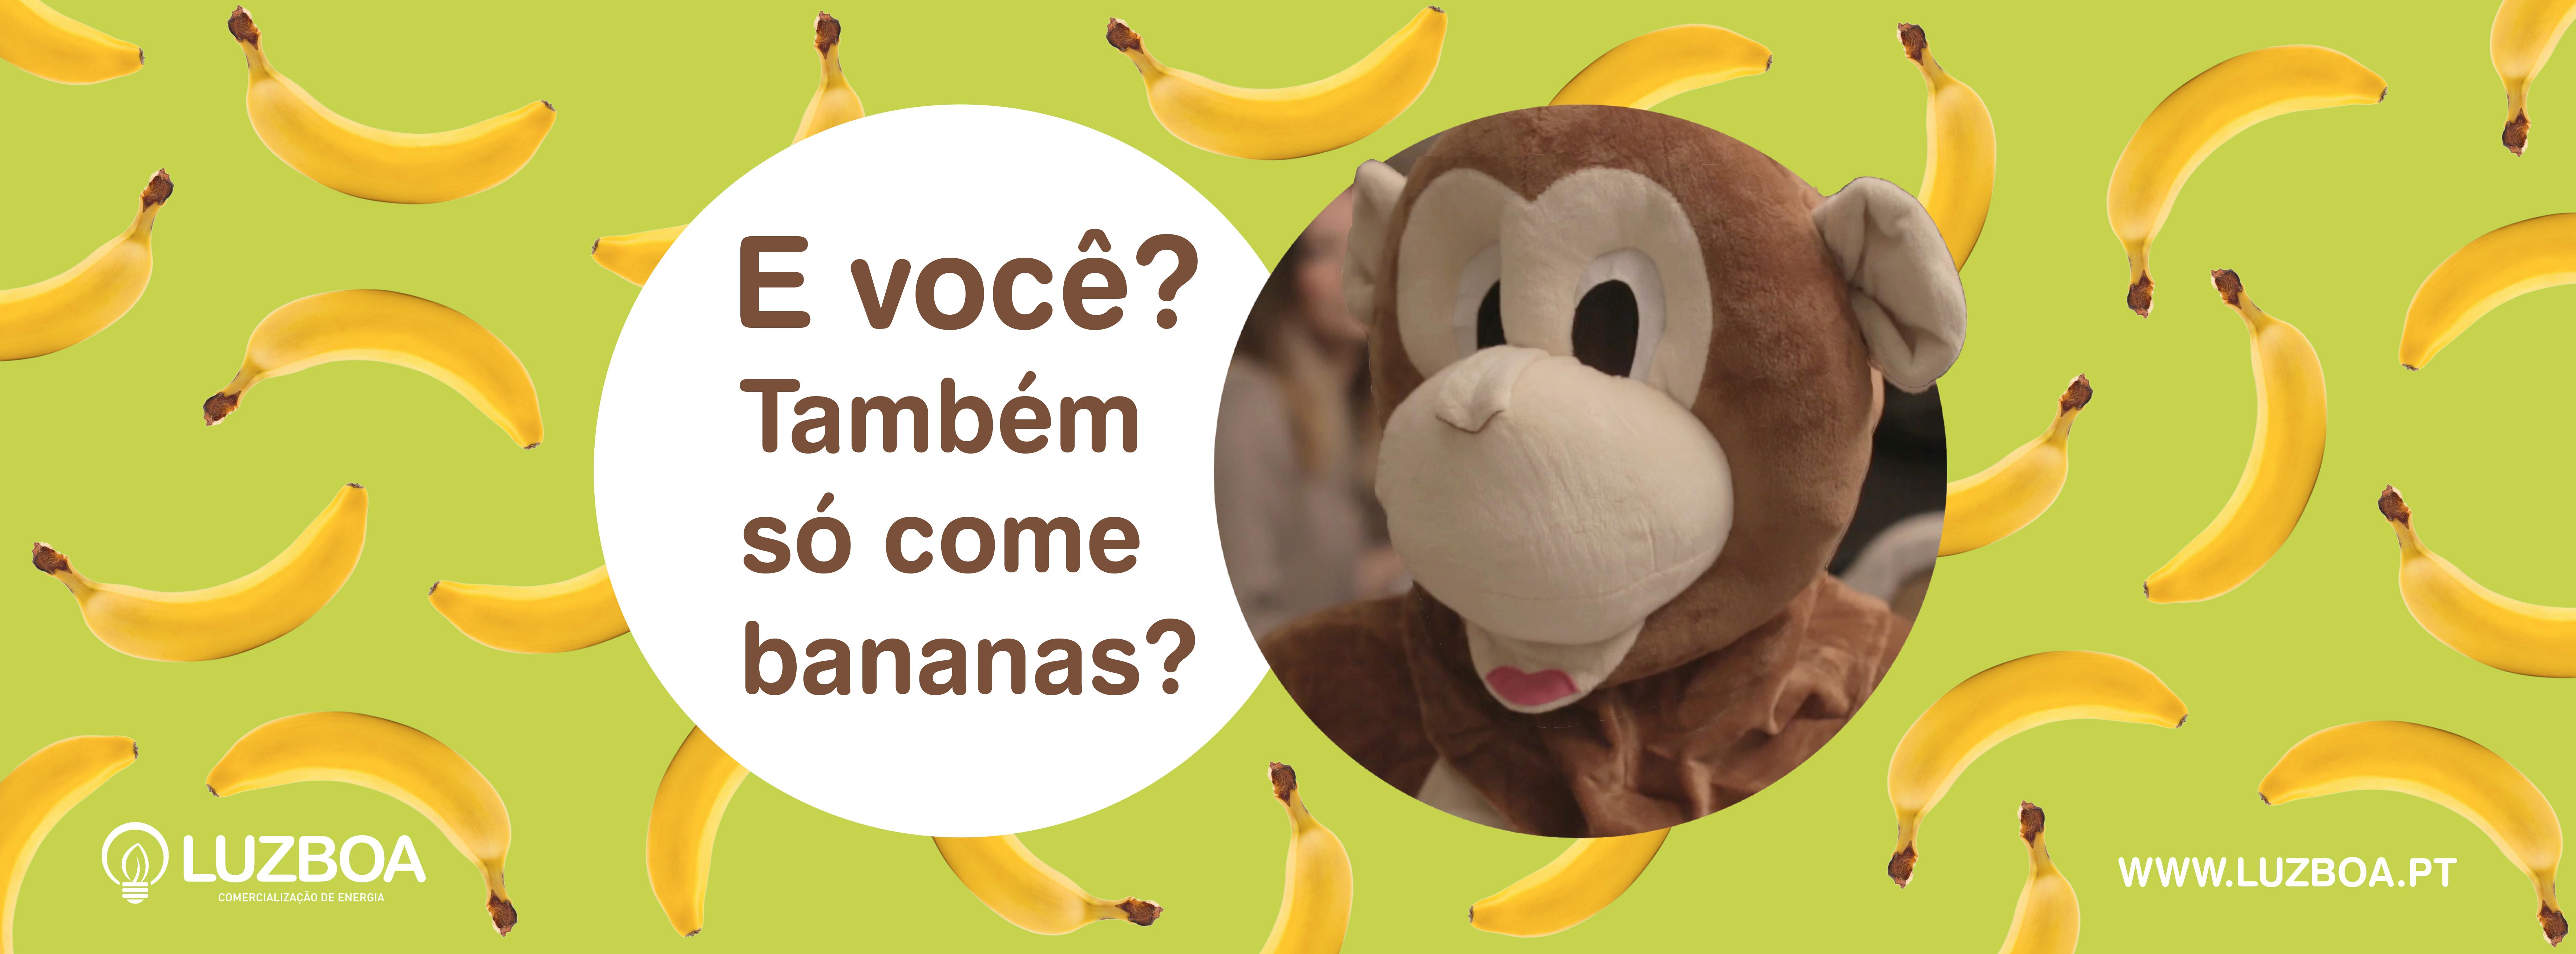 Banner_Bananas_usado